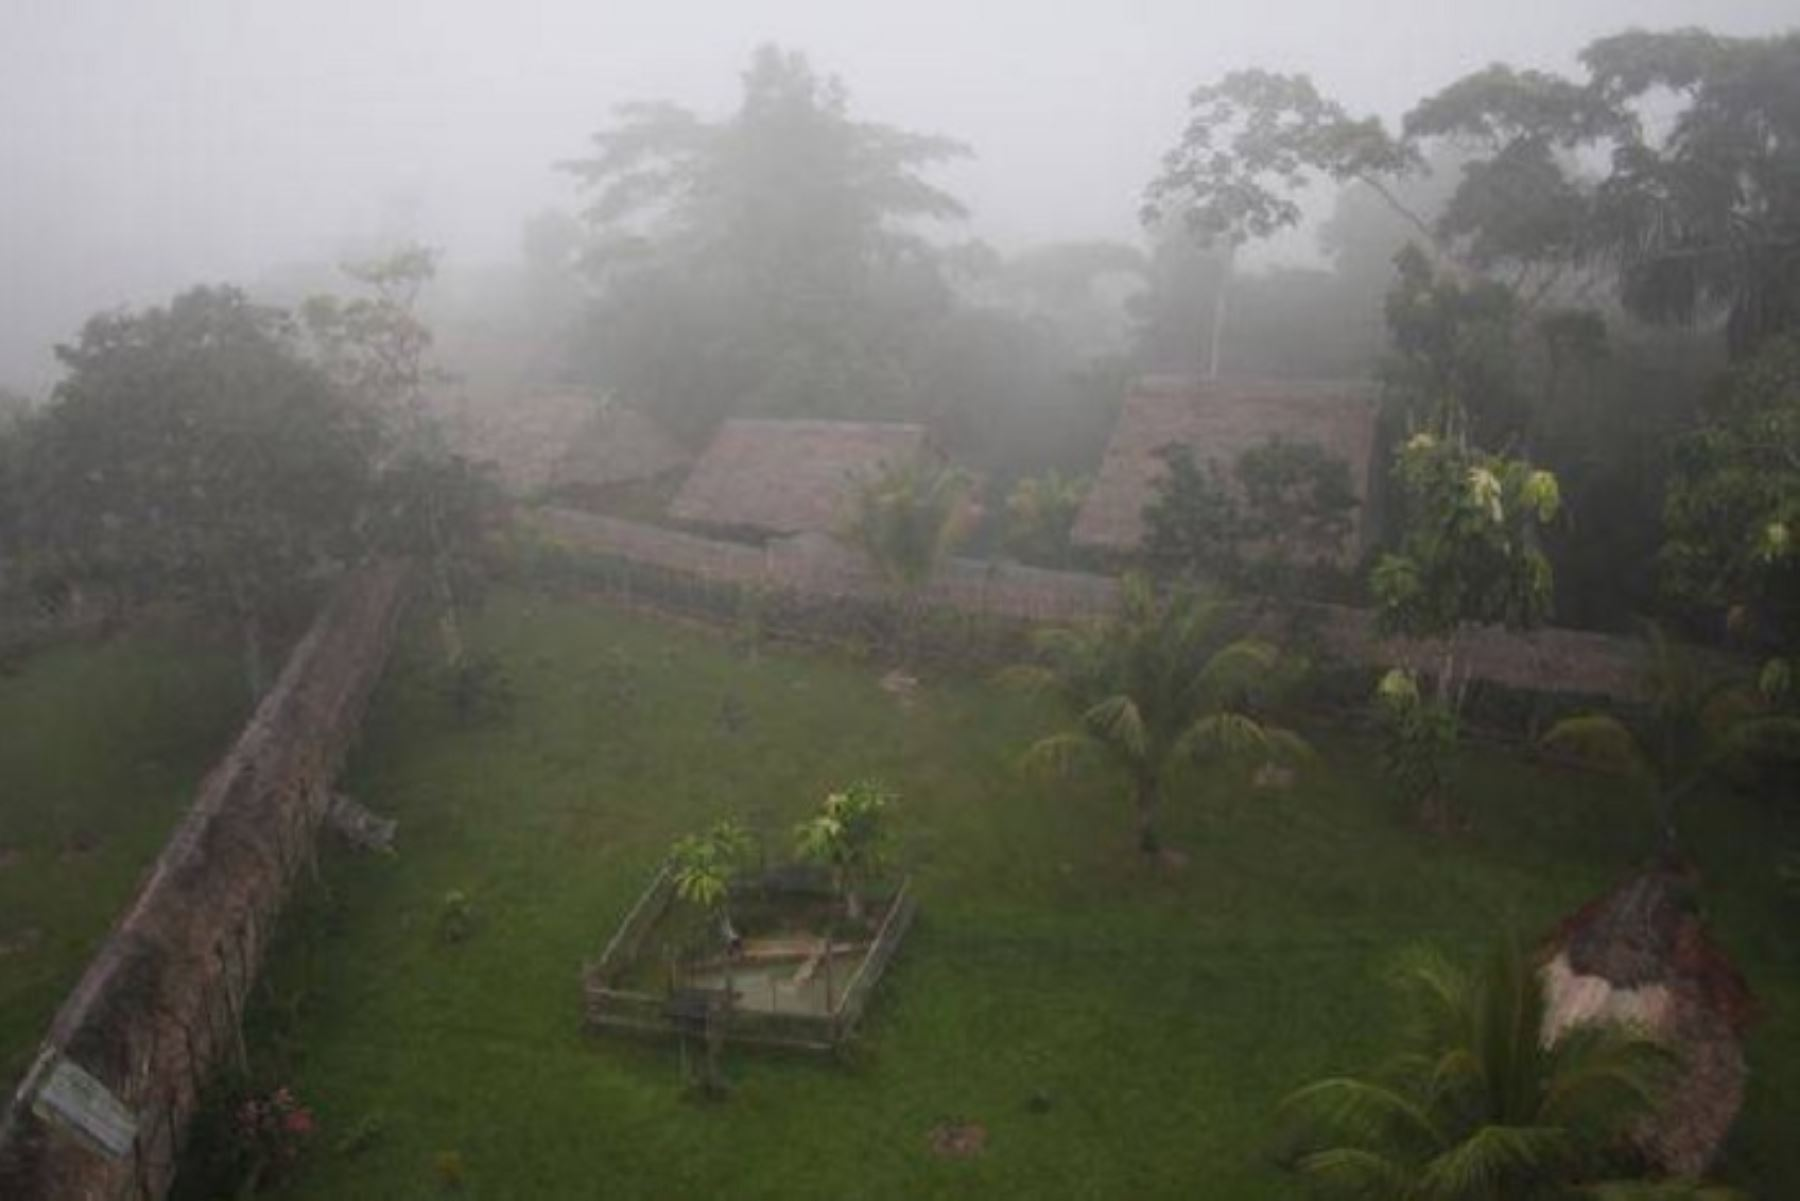 Durante la tarde del día 19 se esperan fuertes tormentas con acumulados de lluvia de 50 milímetros por día, descargas eléctricas y ráfagas de viento hasta de 60 kilómetros por hora. Indeci.